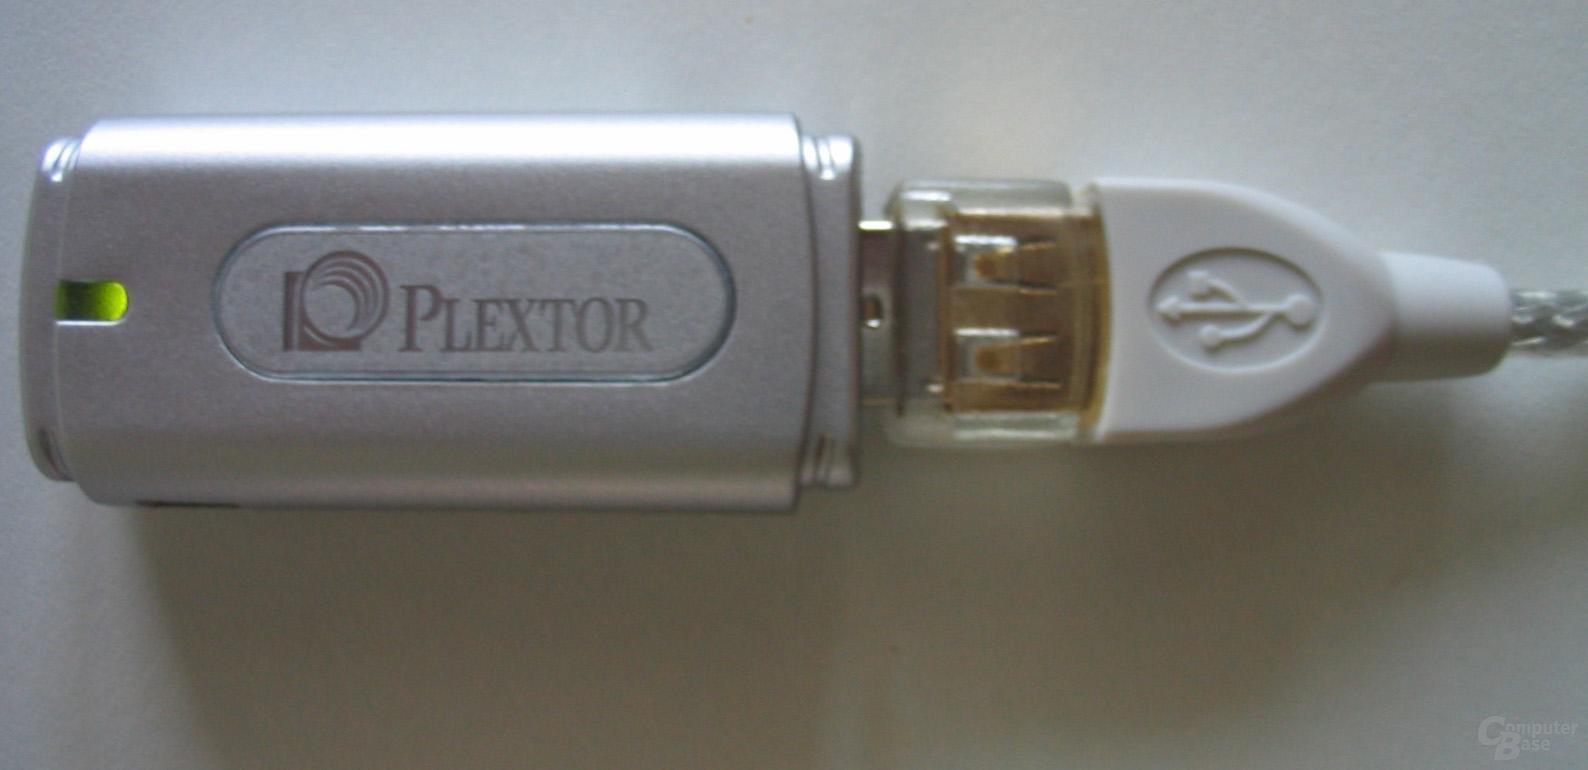 Plextor Plexflash PX-F512 am Verlängerungskabel in Betrieb